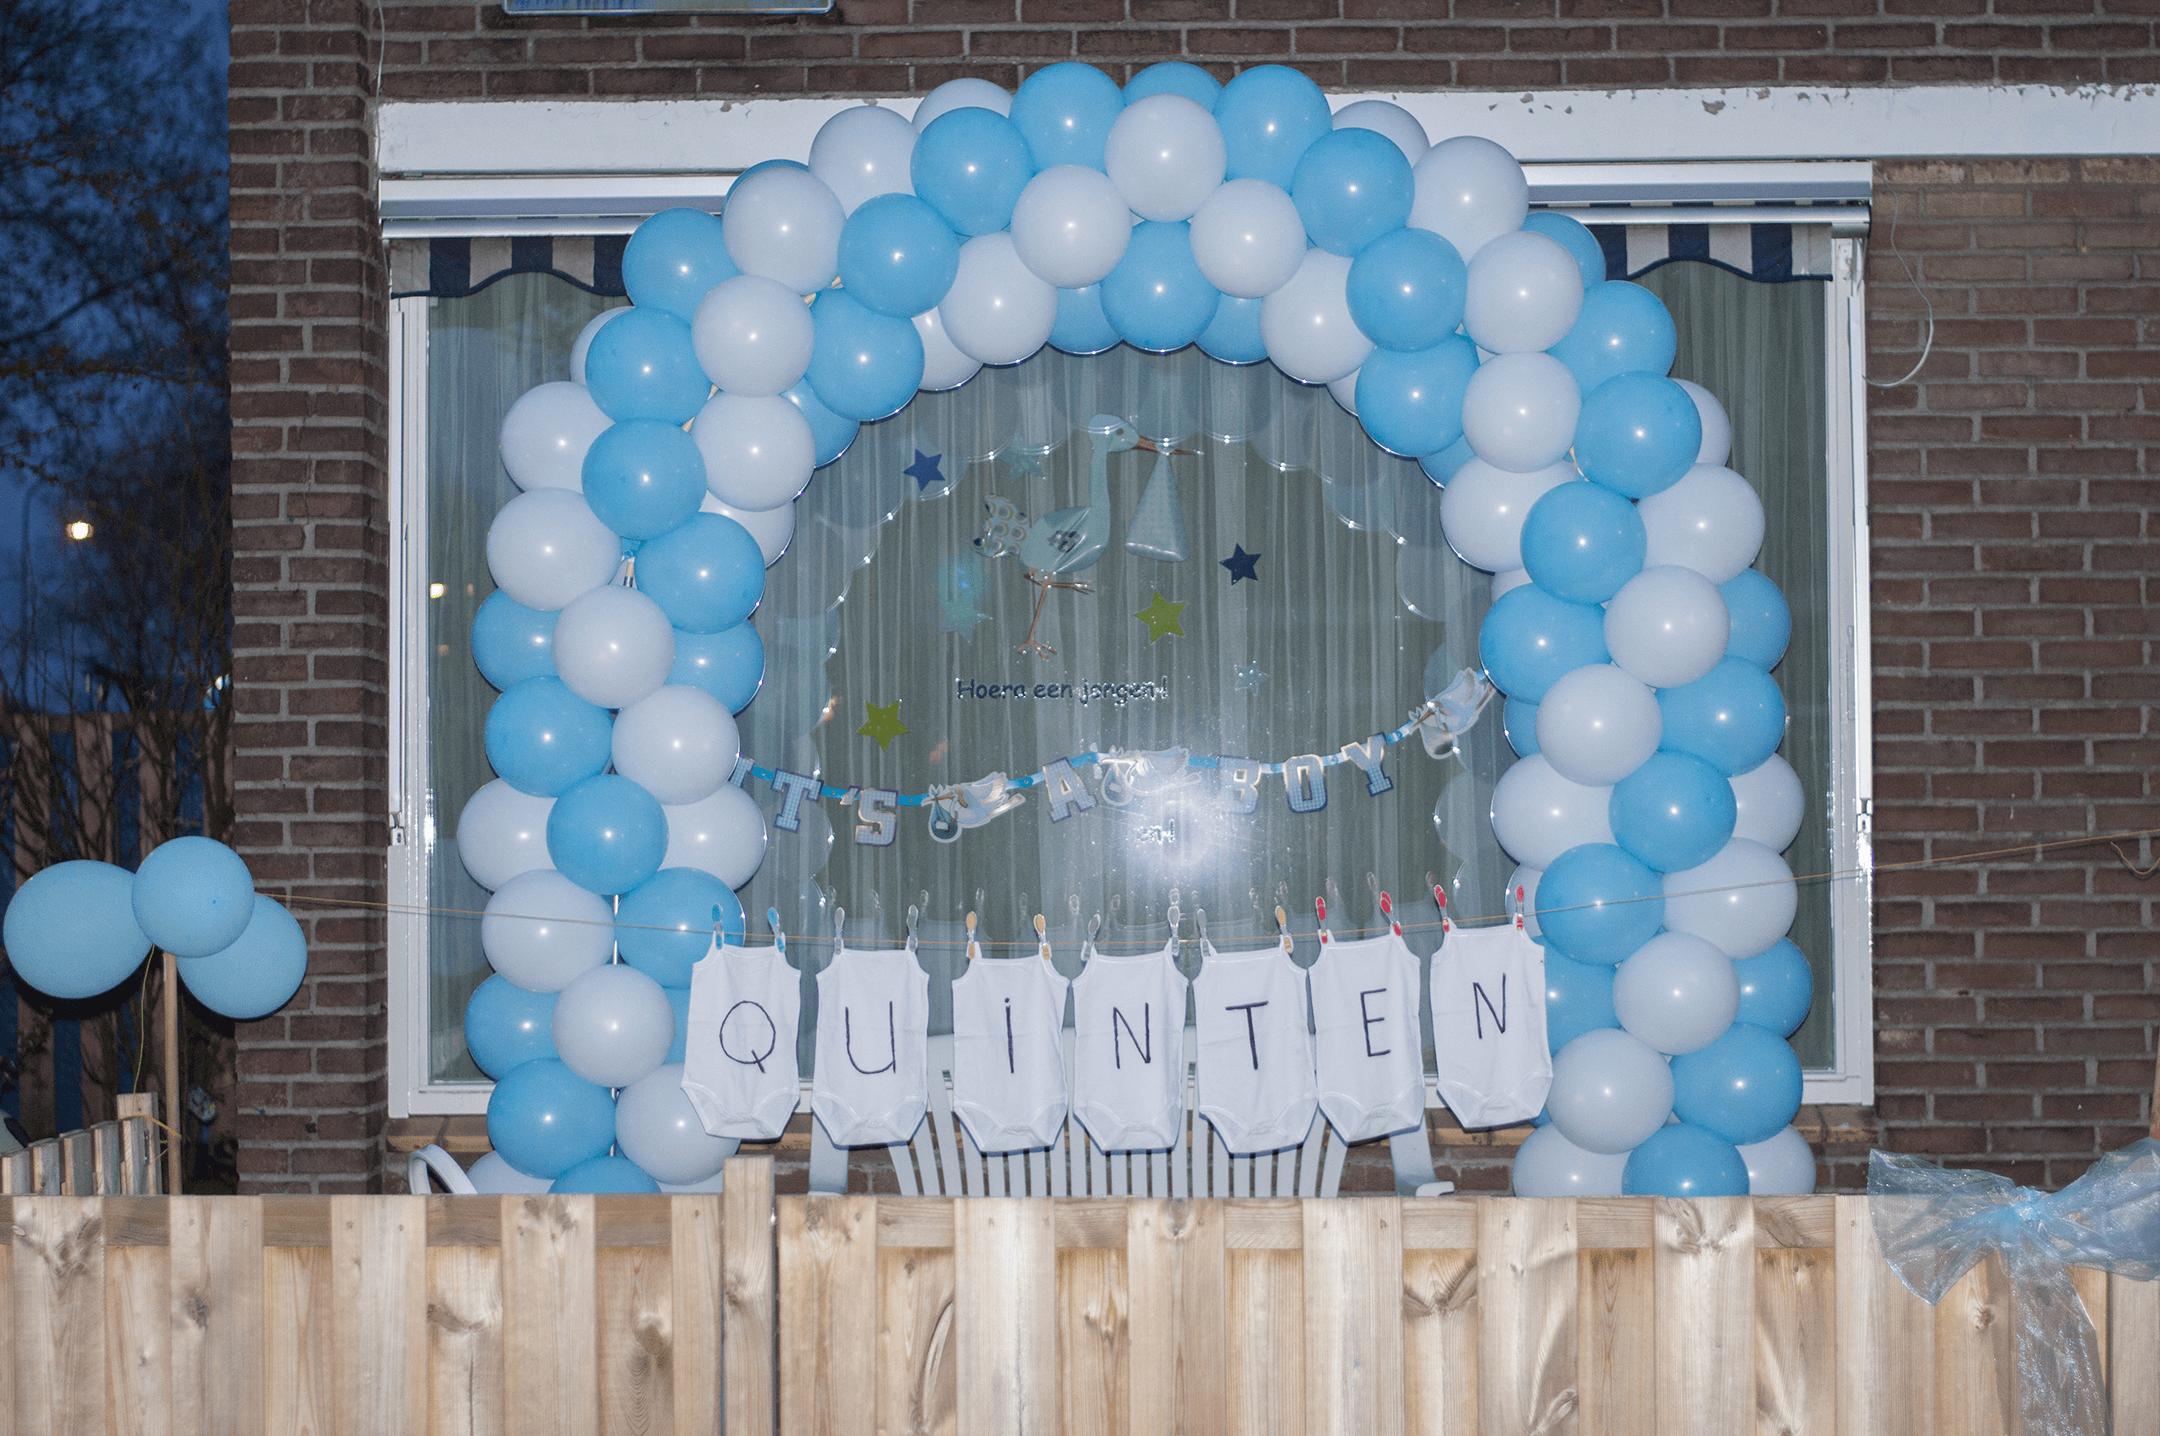 IDecco ballon ballonboog geboorte ballondecoratie ballonIDecco ballon ballonboog geboorte ballondecoratie ballon